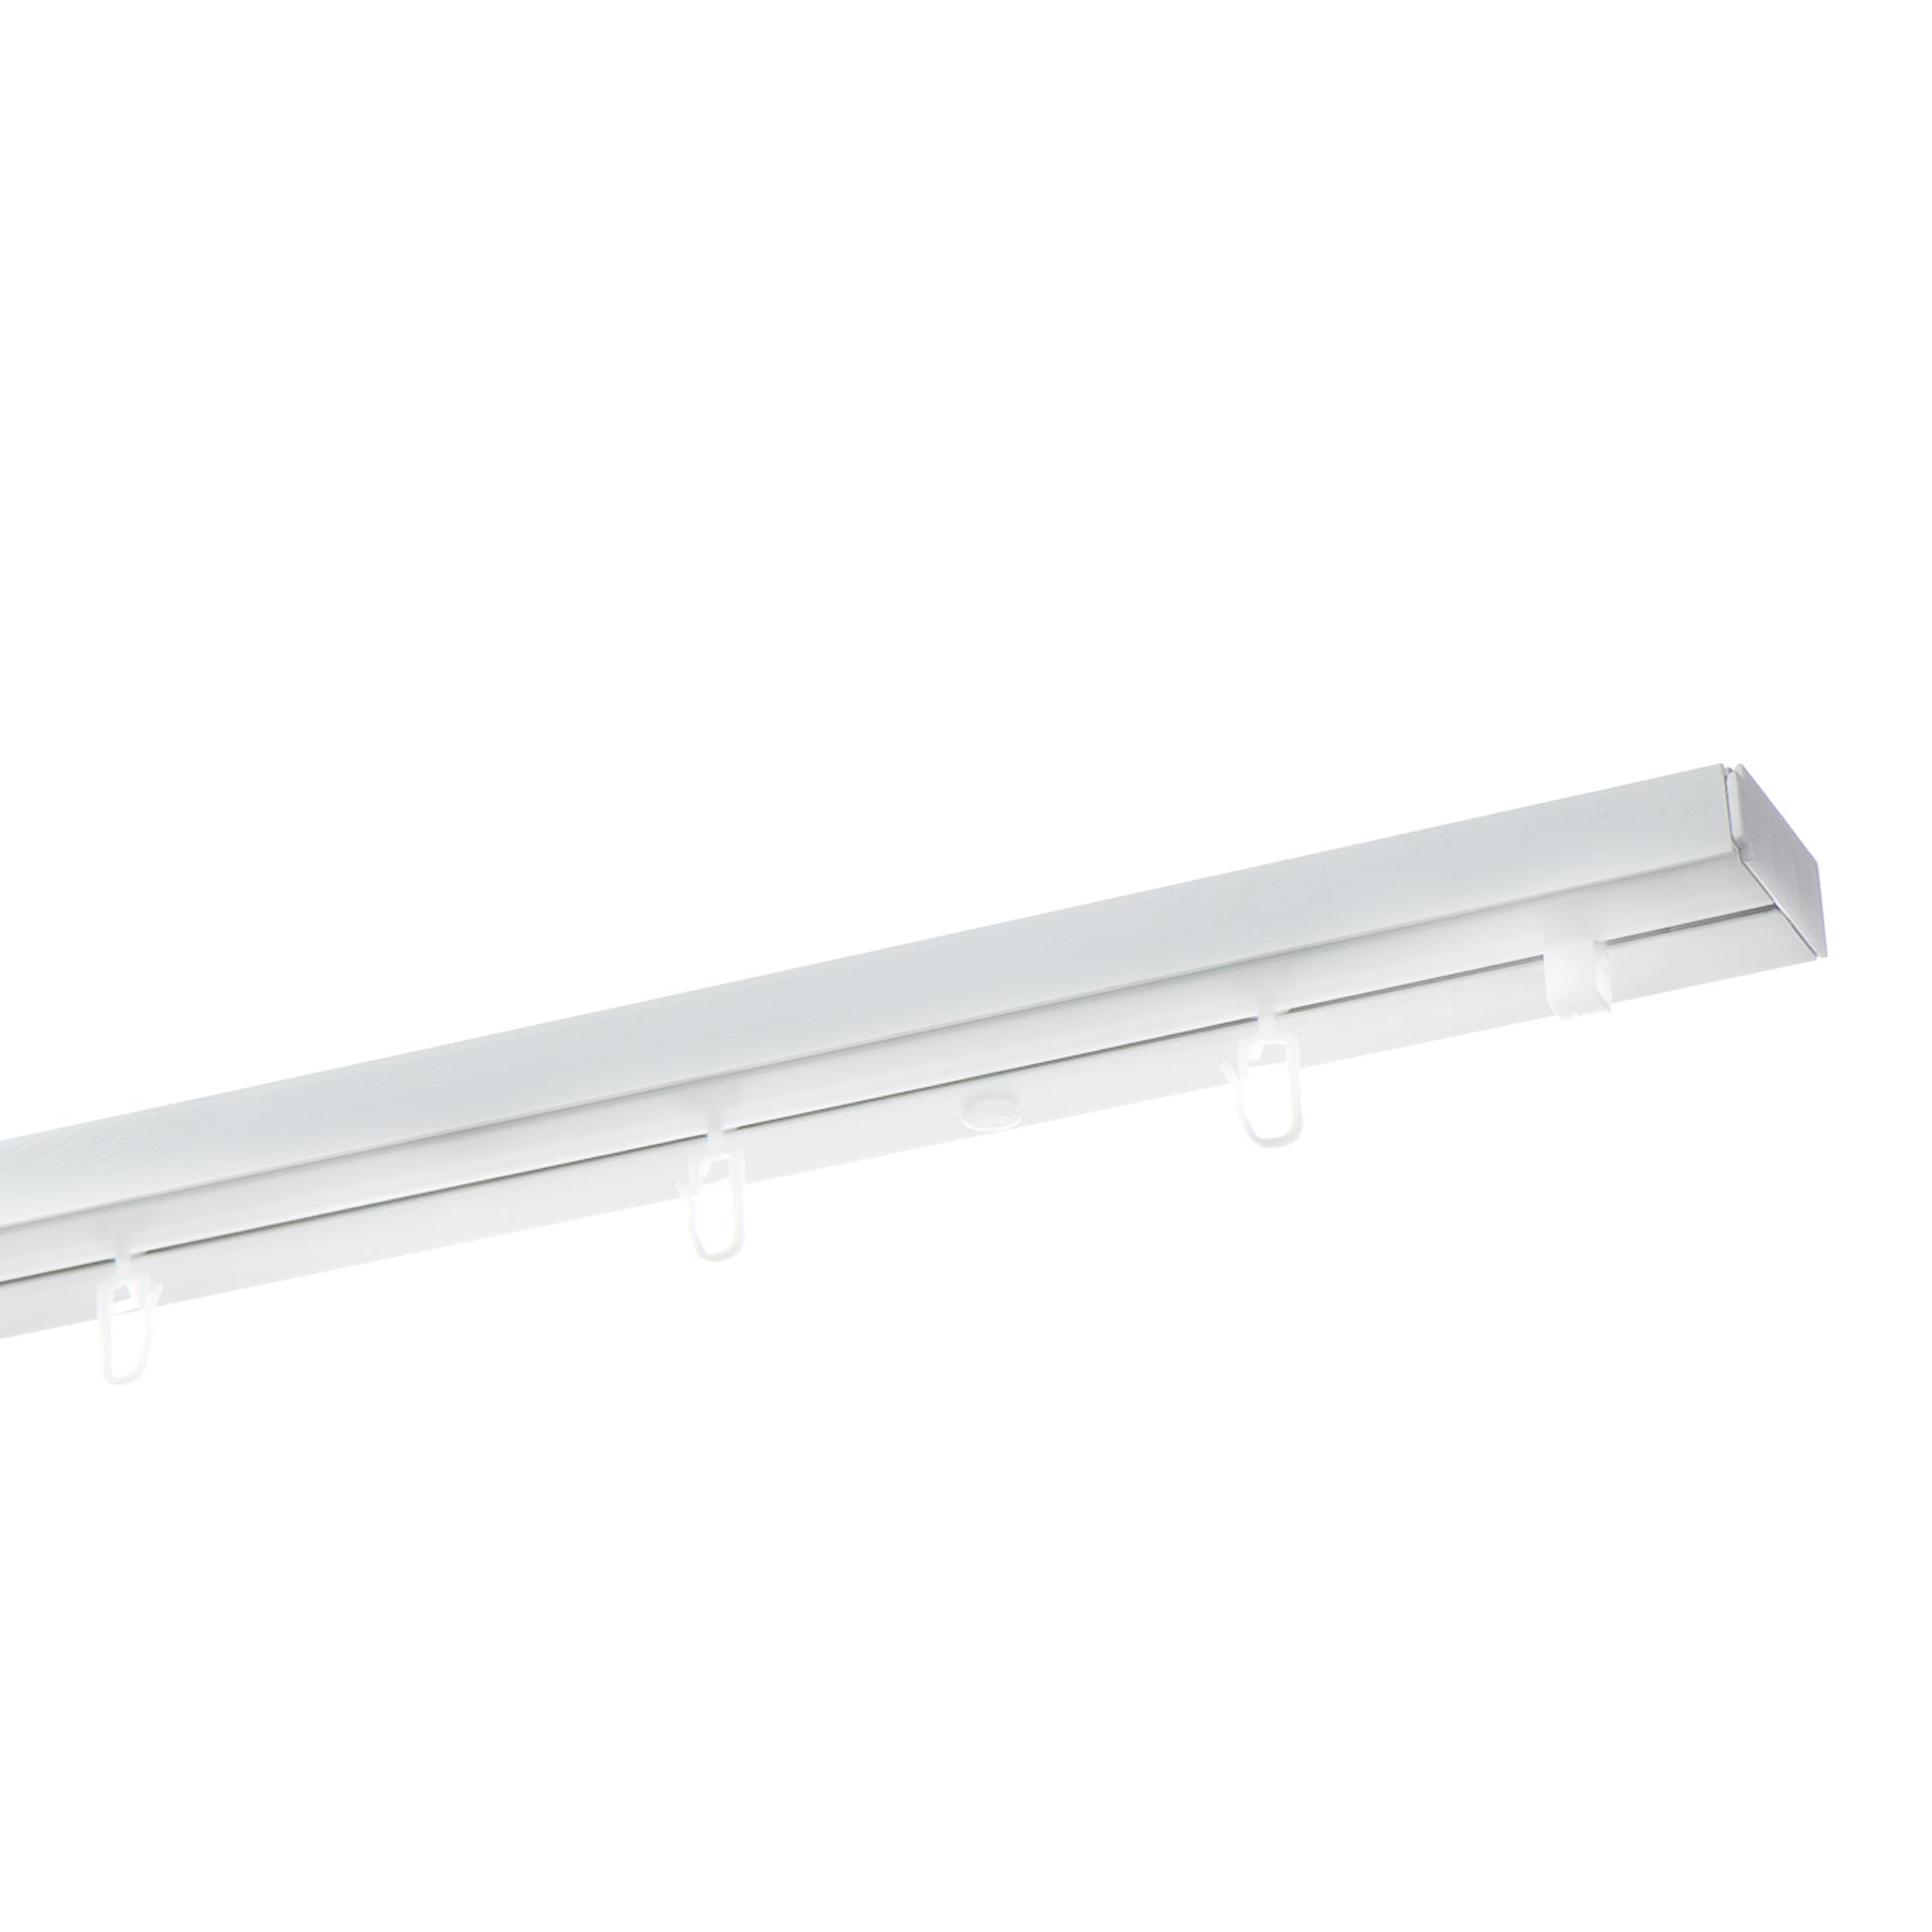 Карниз потолочный пластмассовый однорядный 240 см белый decolux карниз артик ветка однорядный потолочный никель матовый 201 см ø1 6 см 18 колец qxjsdda